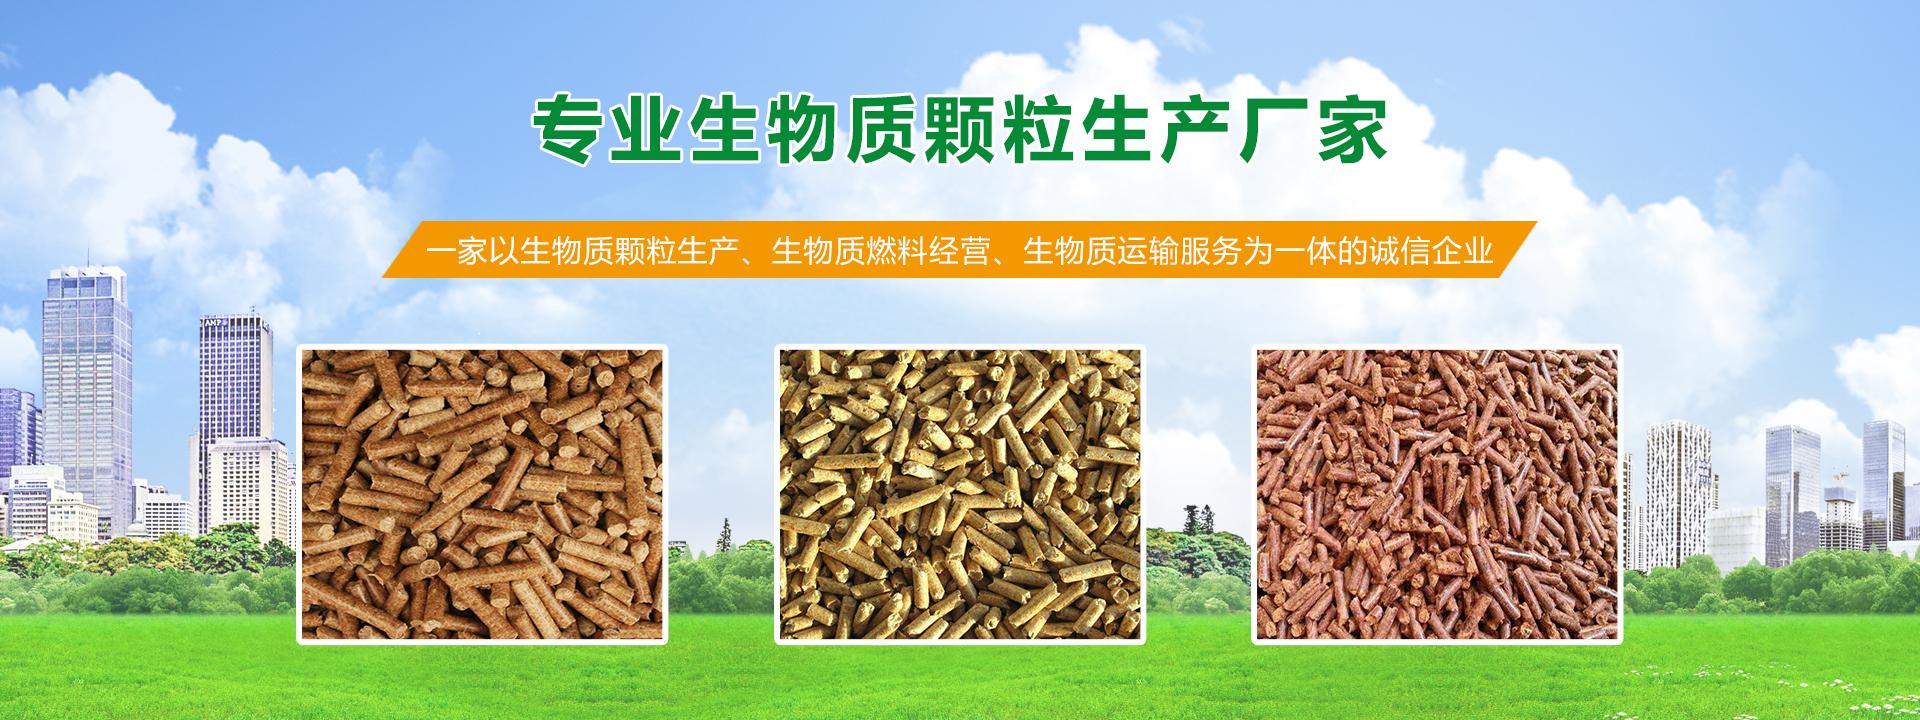 云南广铭生物科技有限公司